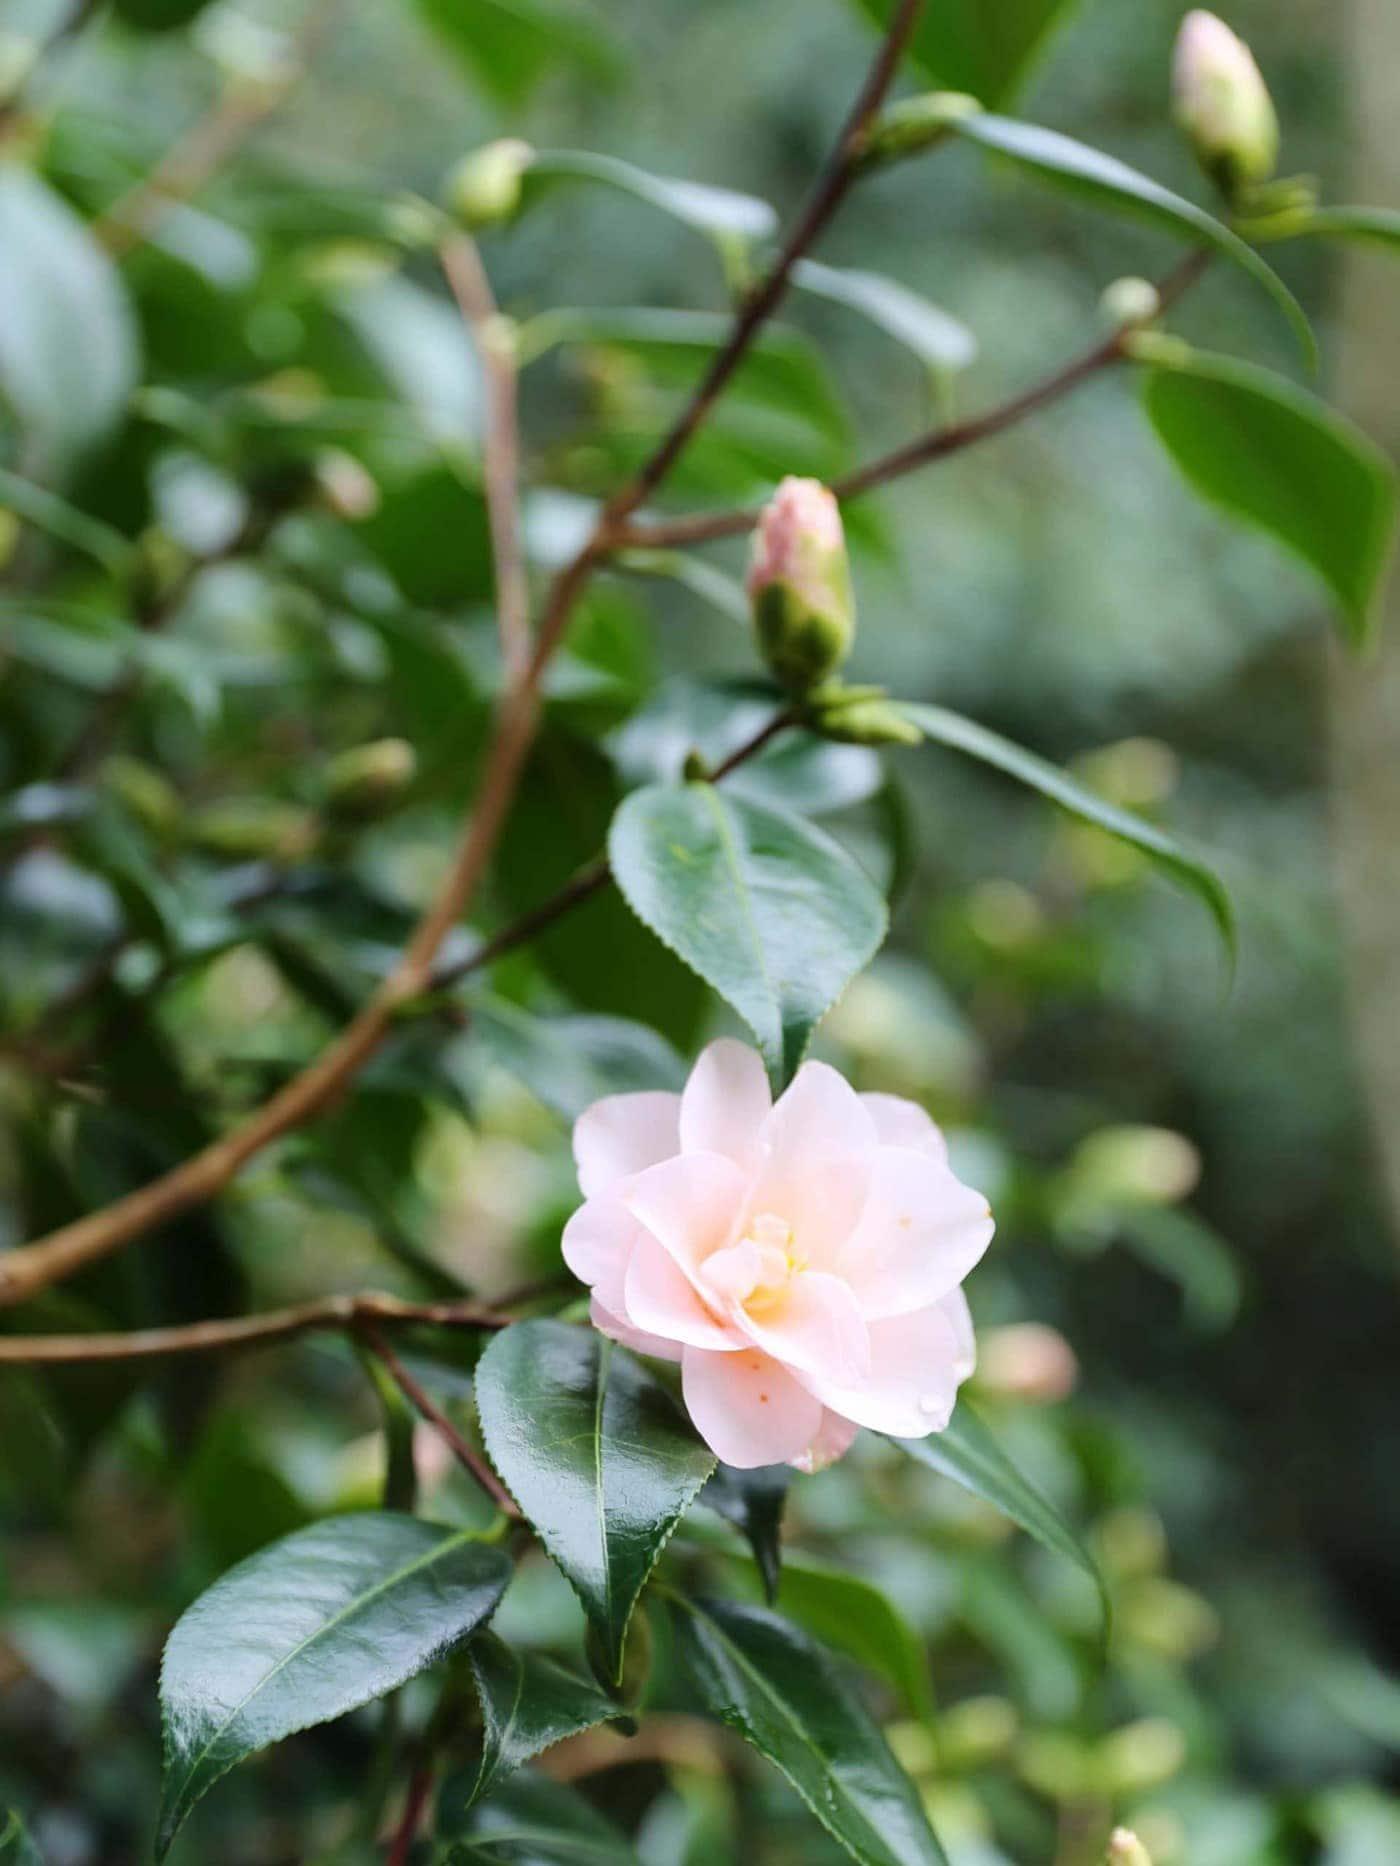 Camellia japonica 'Hagoromo' winter flowering camellias